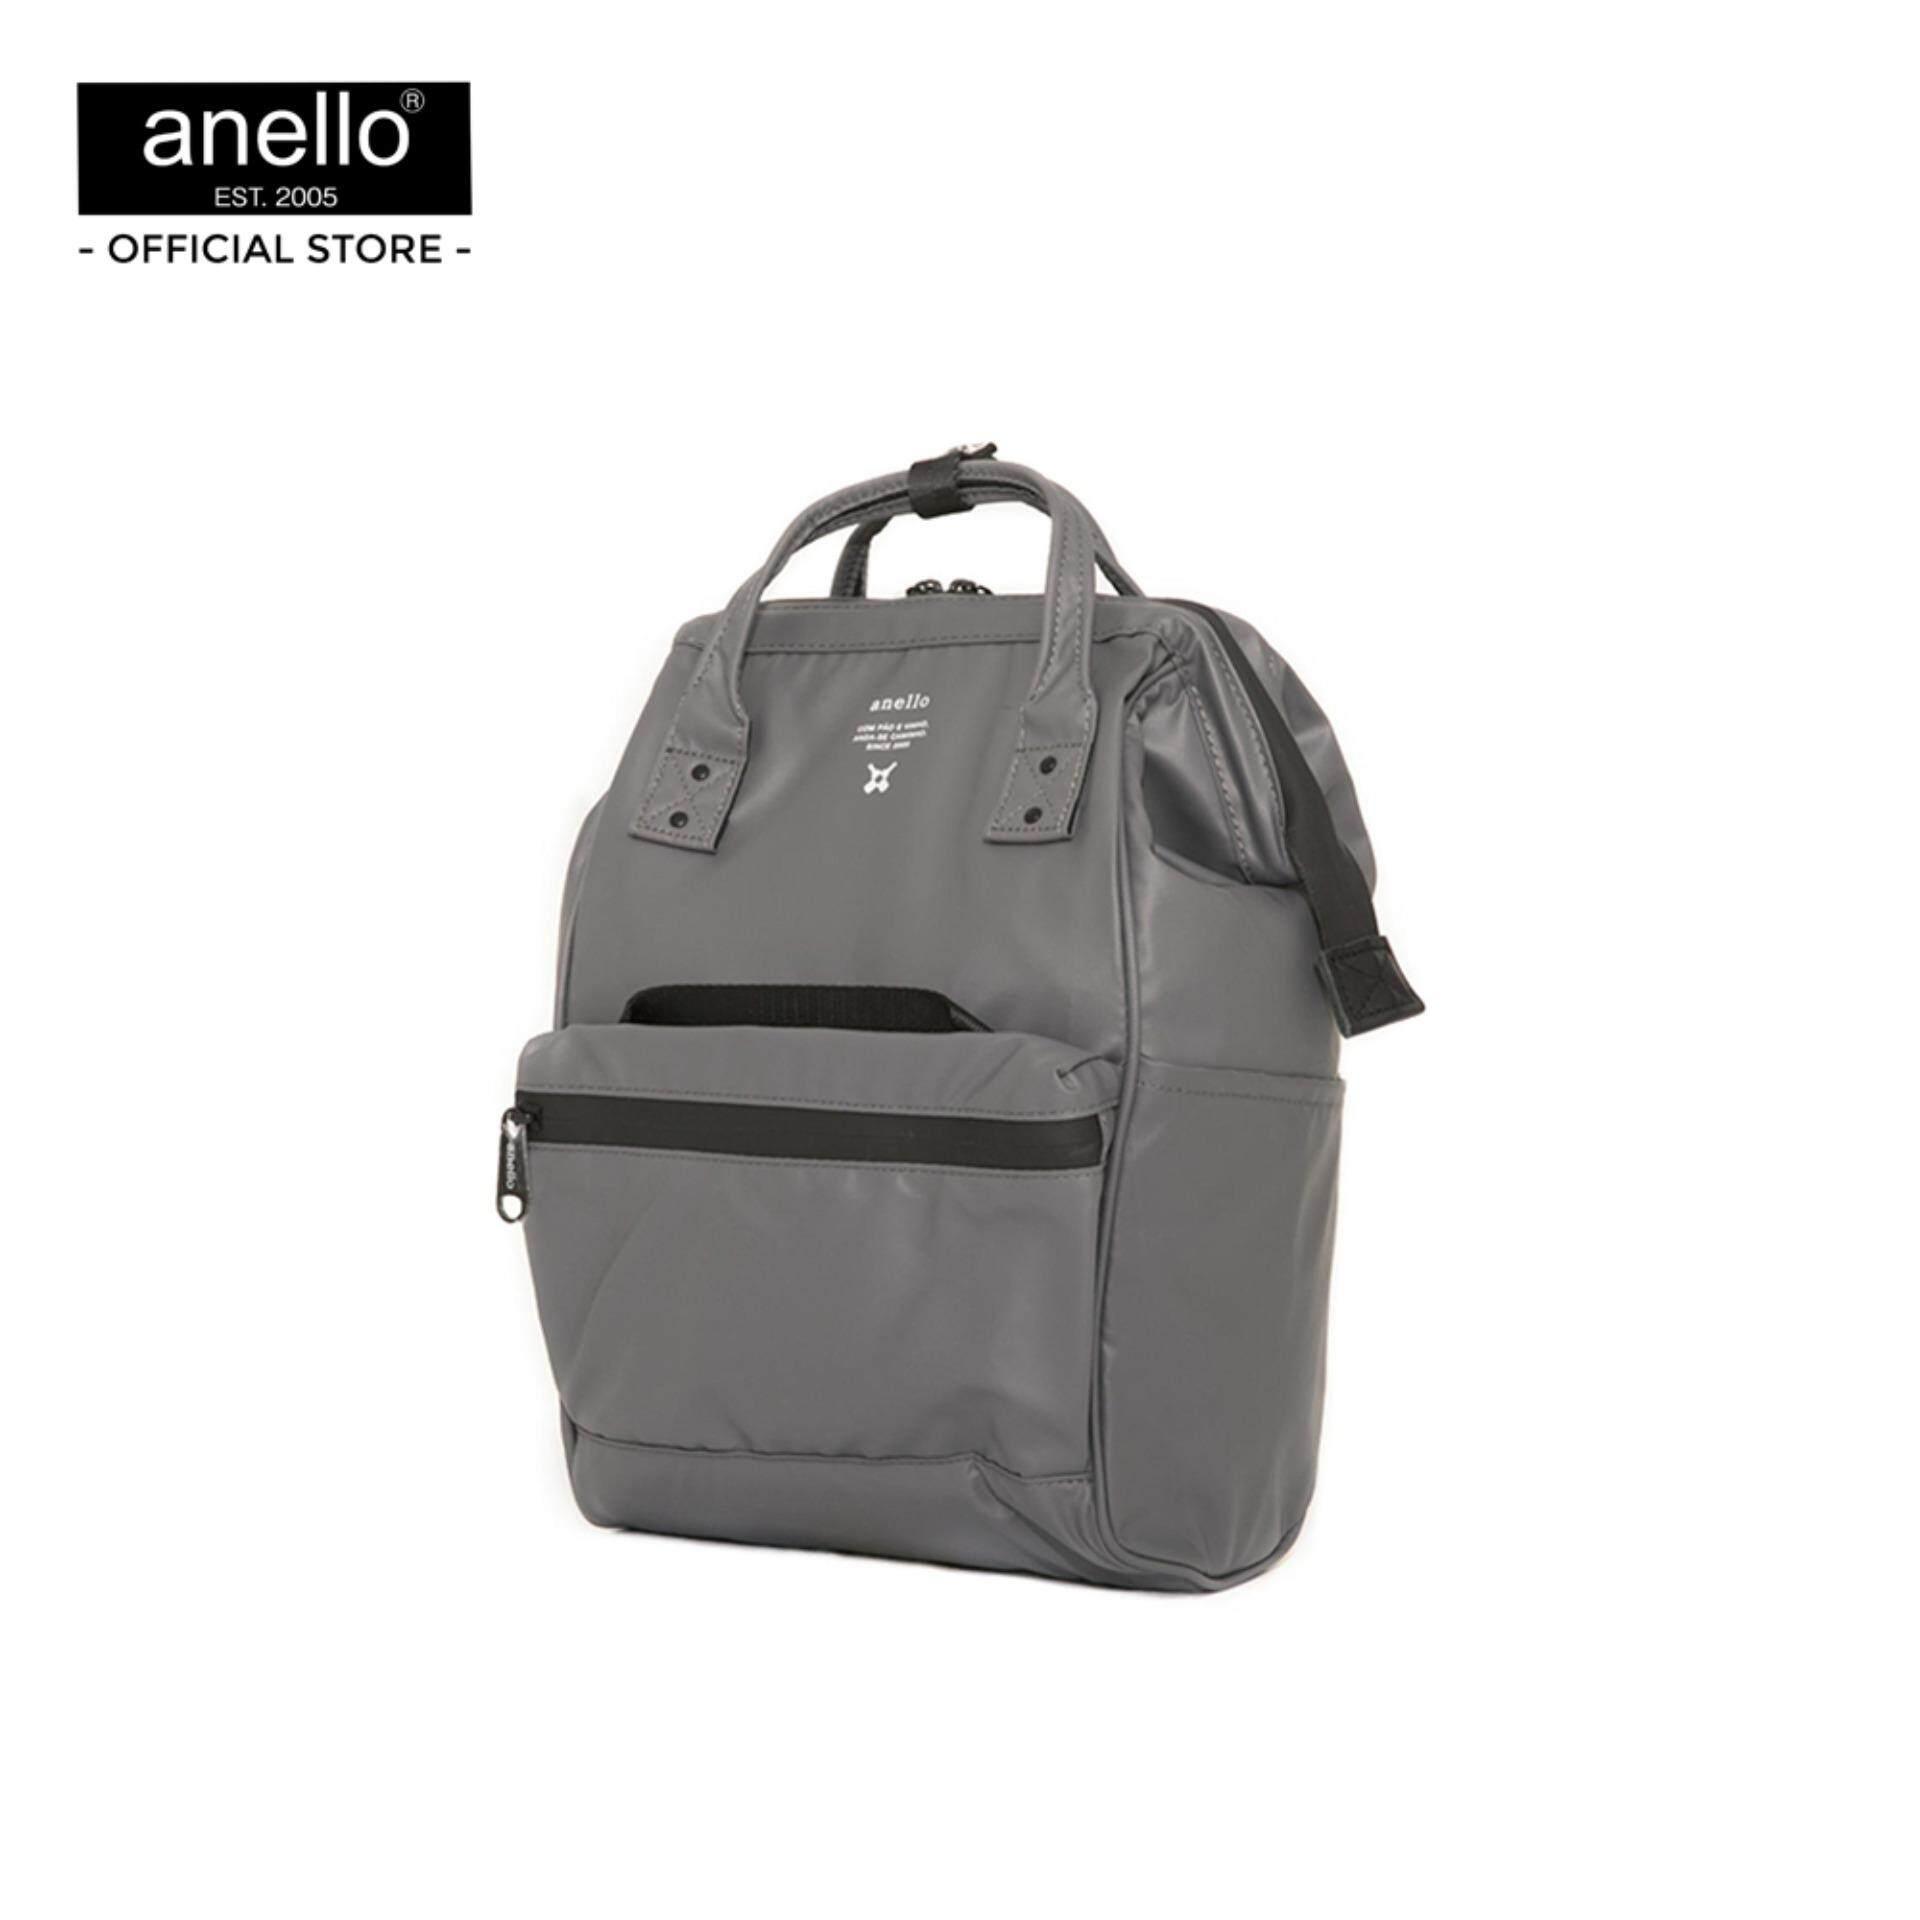 สินเชื่อบุคคลซิตี้  ยโสธร anello กระเป๋า Mini Water Resistant 2nd Edition_OS-B010